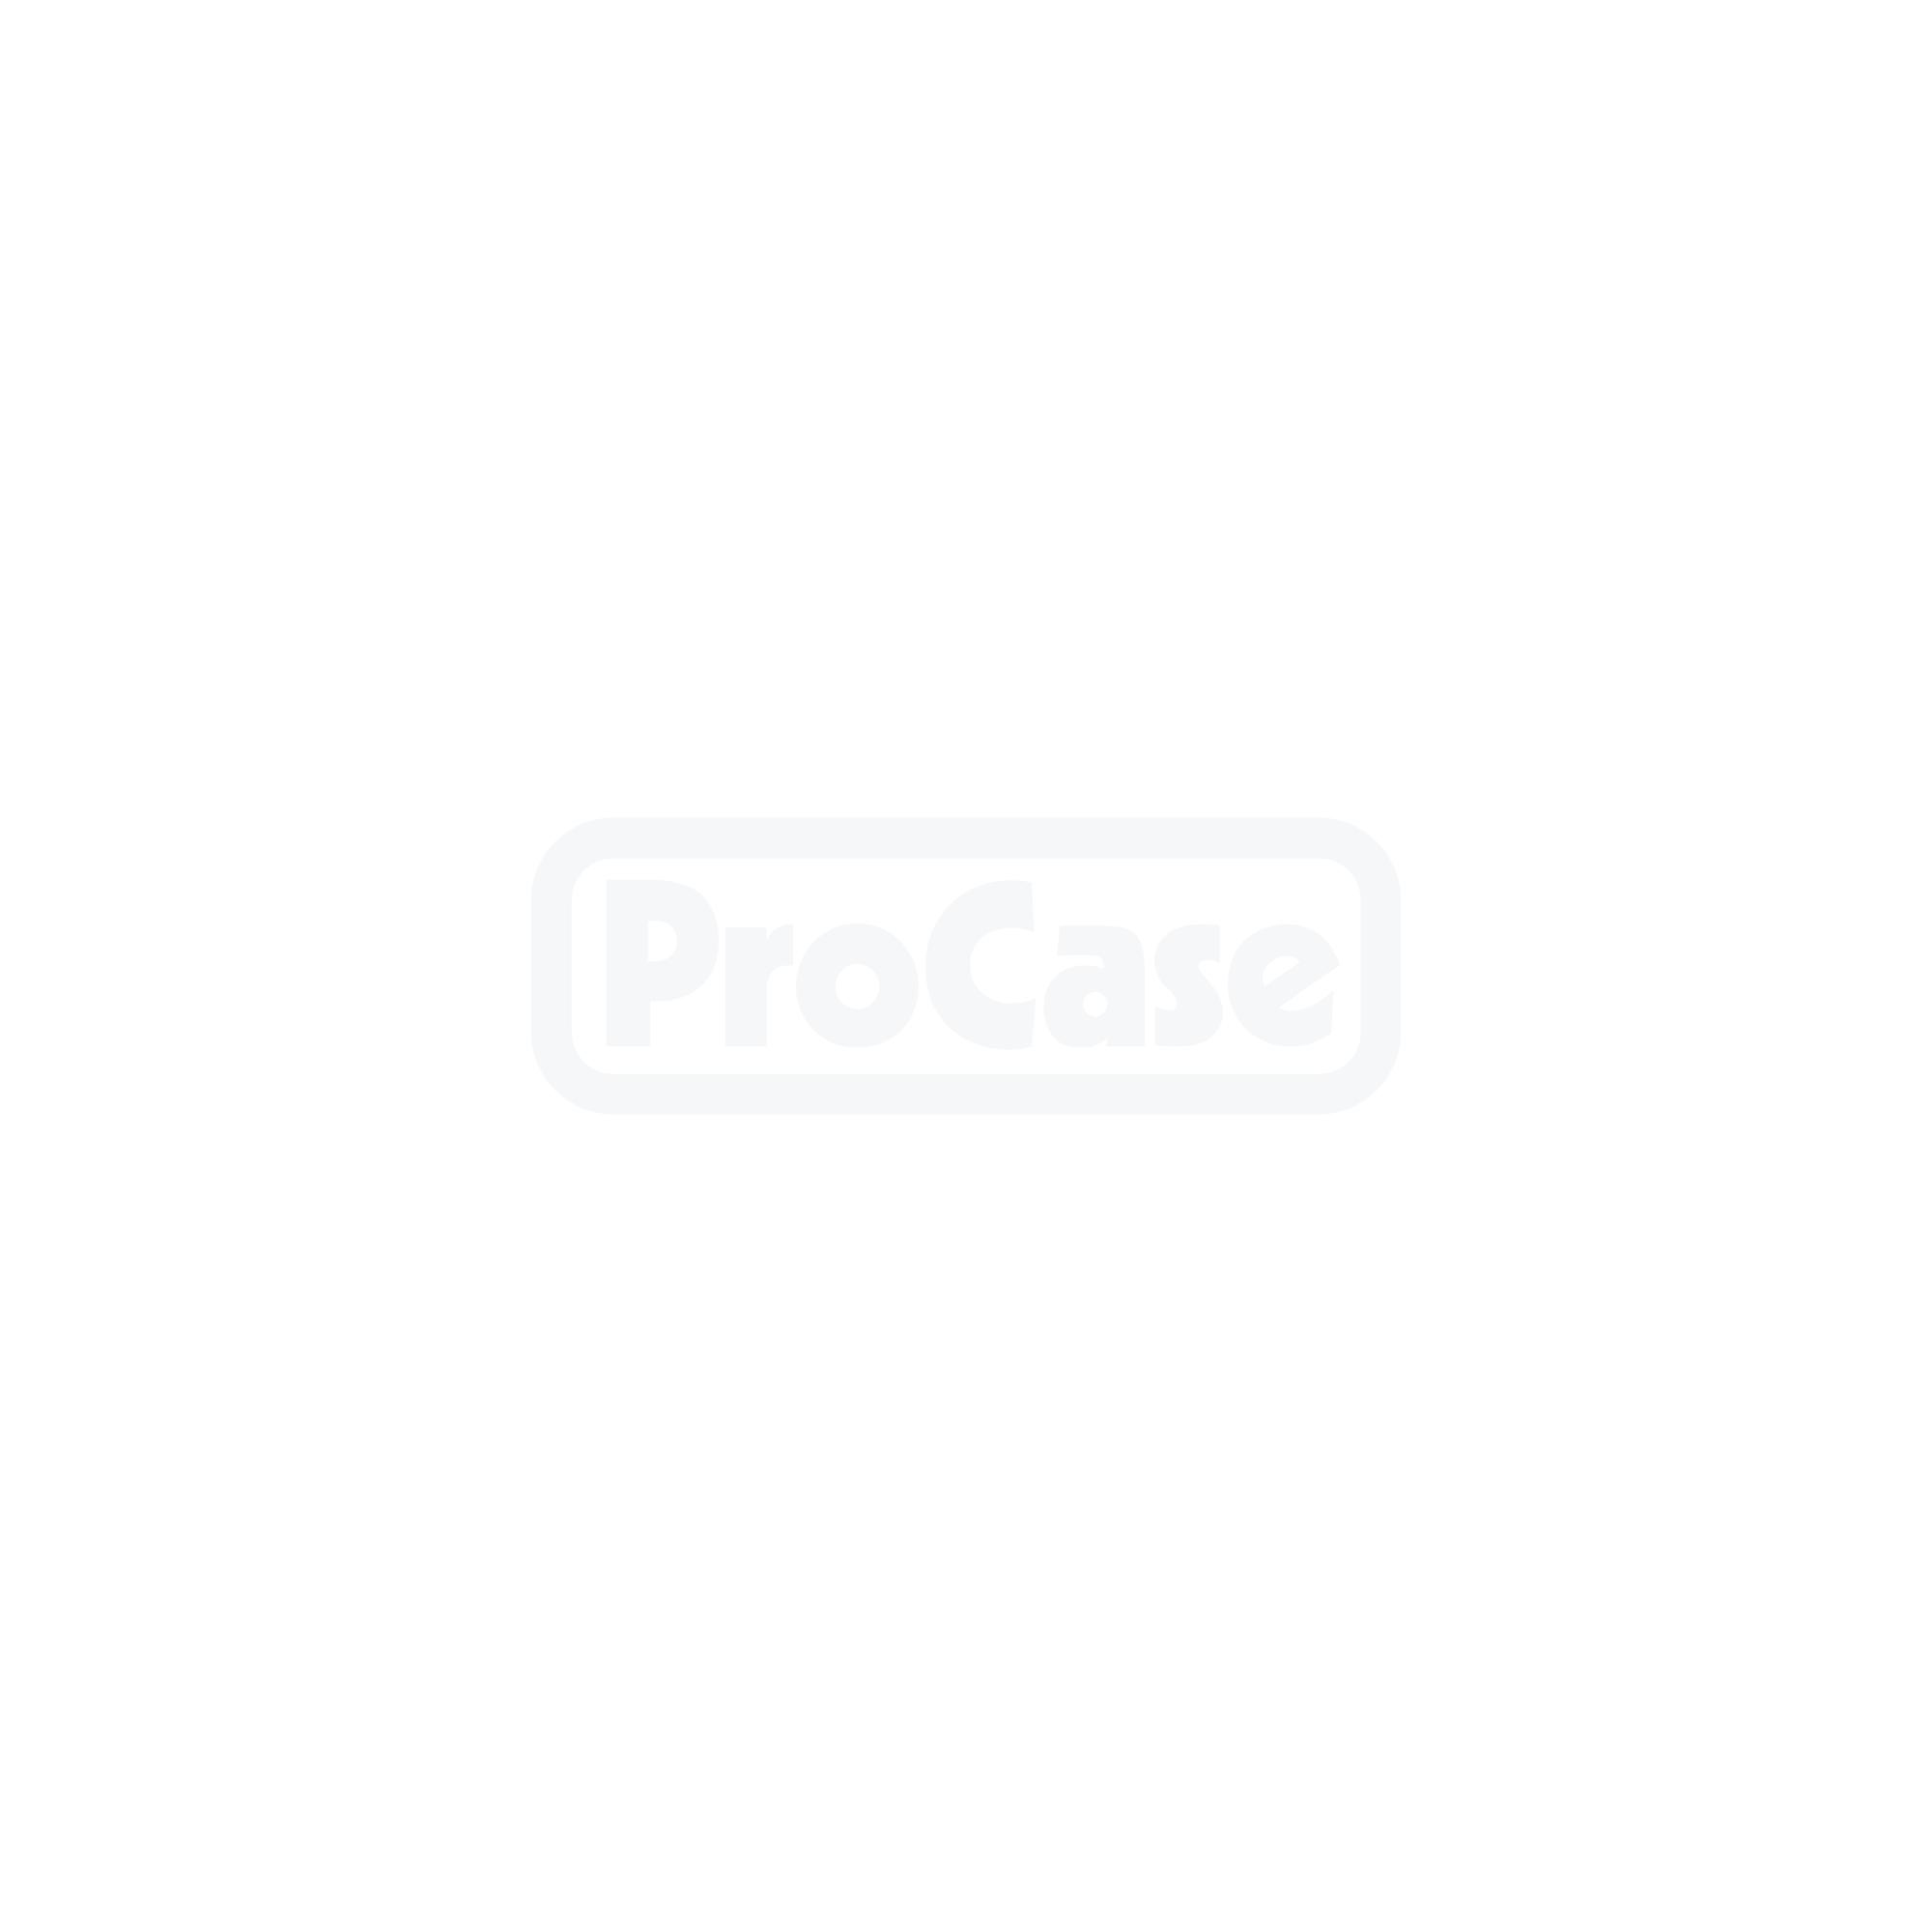 QSD-Rack 16HE 600 mm tief 3